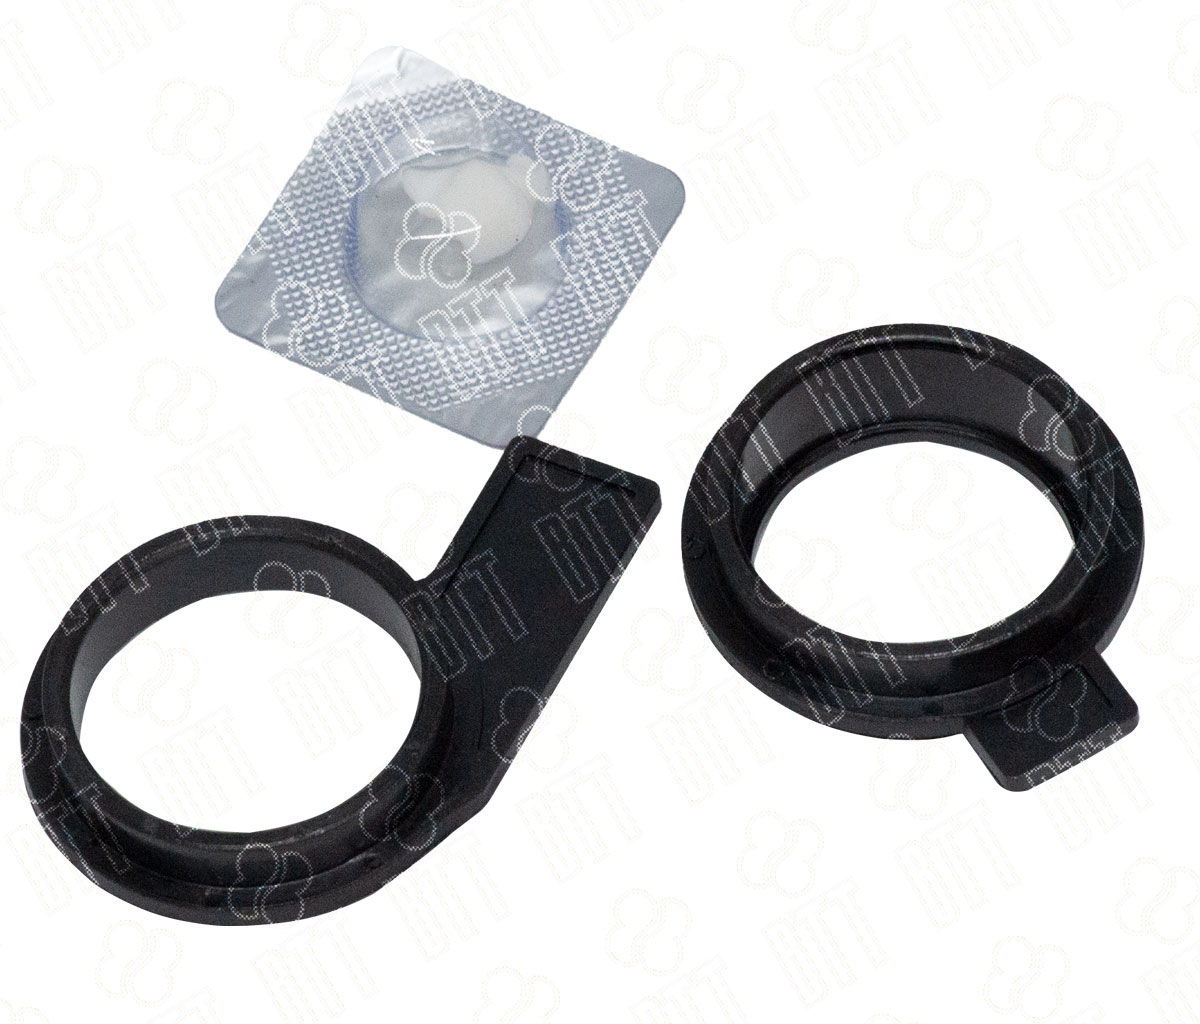 Комплект втулок тефлонового вала (передняя+задняя) дляKyocera KM-1620/2020 (совм)